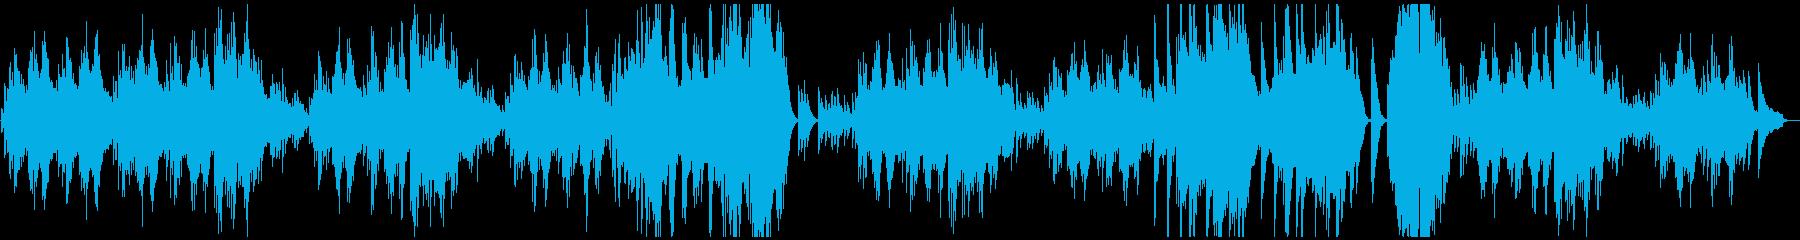 ベートーヴェン エリーゼのために ピアノの再生済みの波形